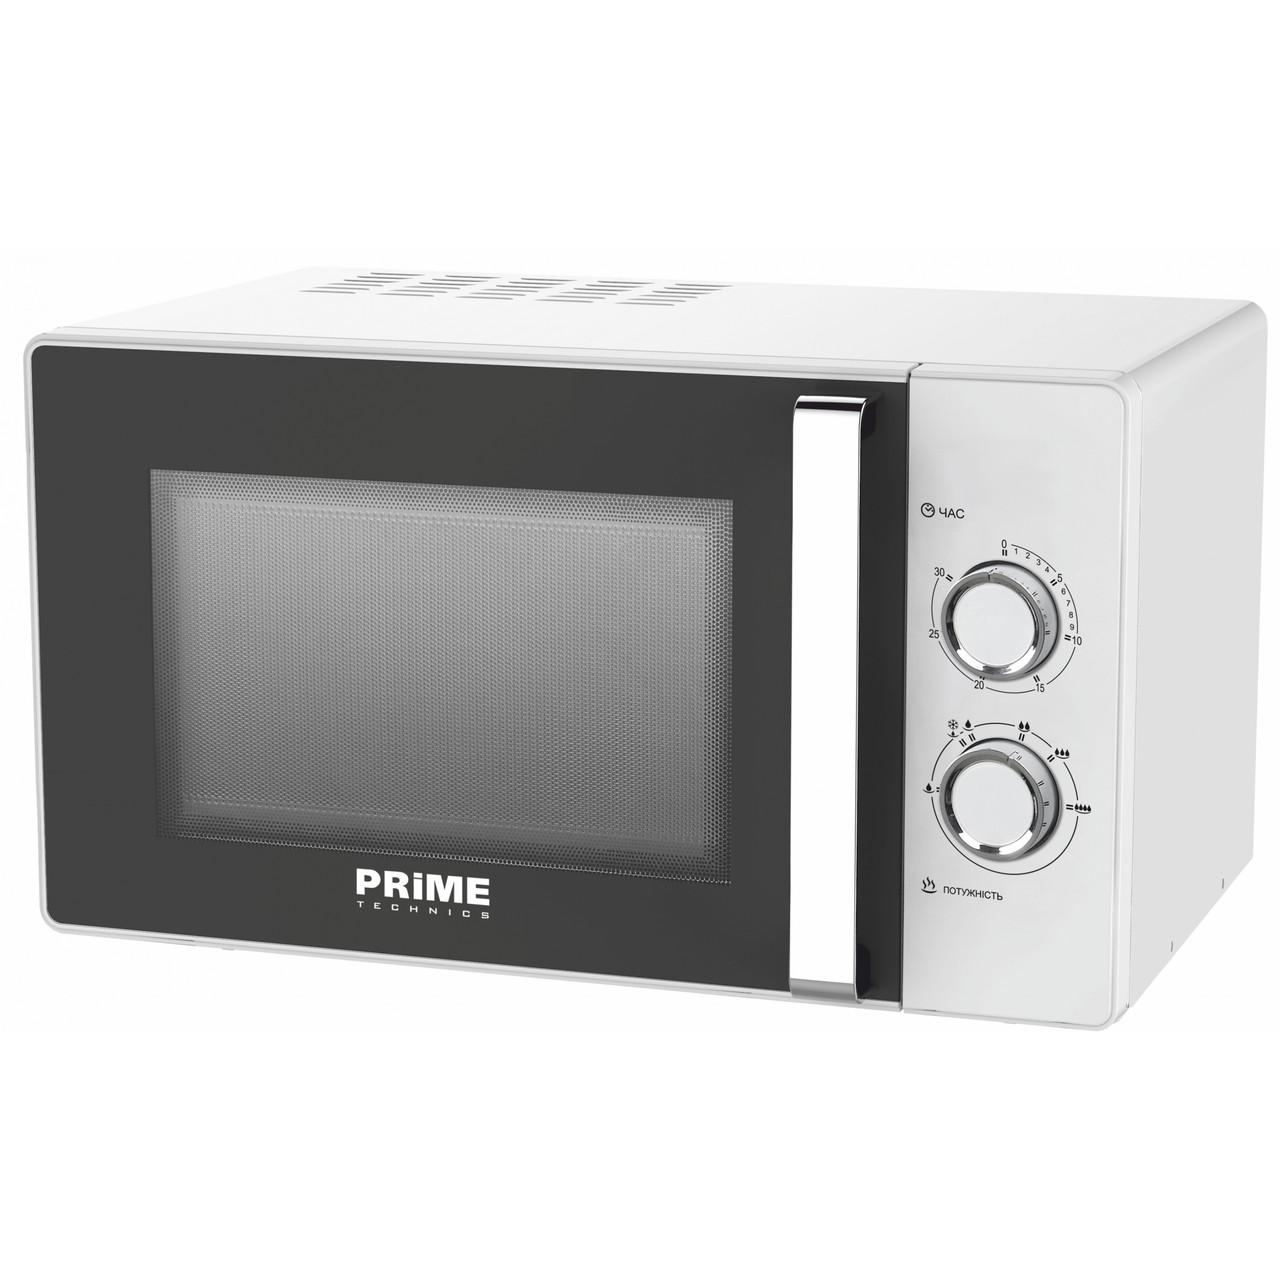 Микроволновая печь Prime Technics PMW 23861 HW